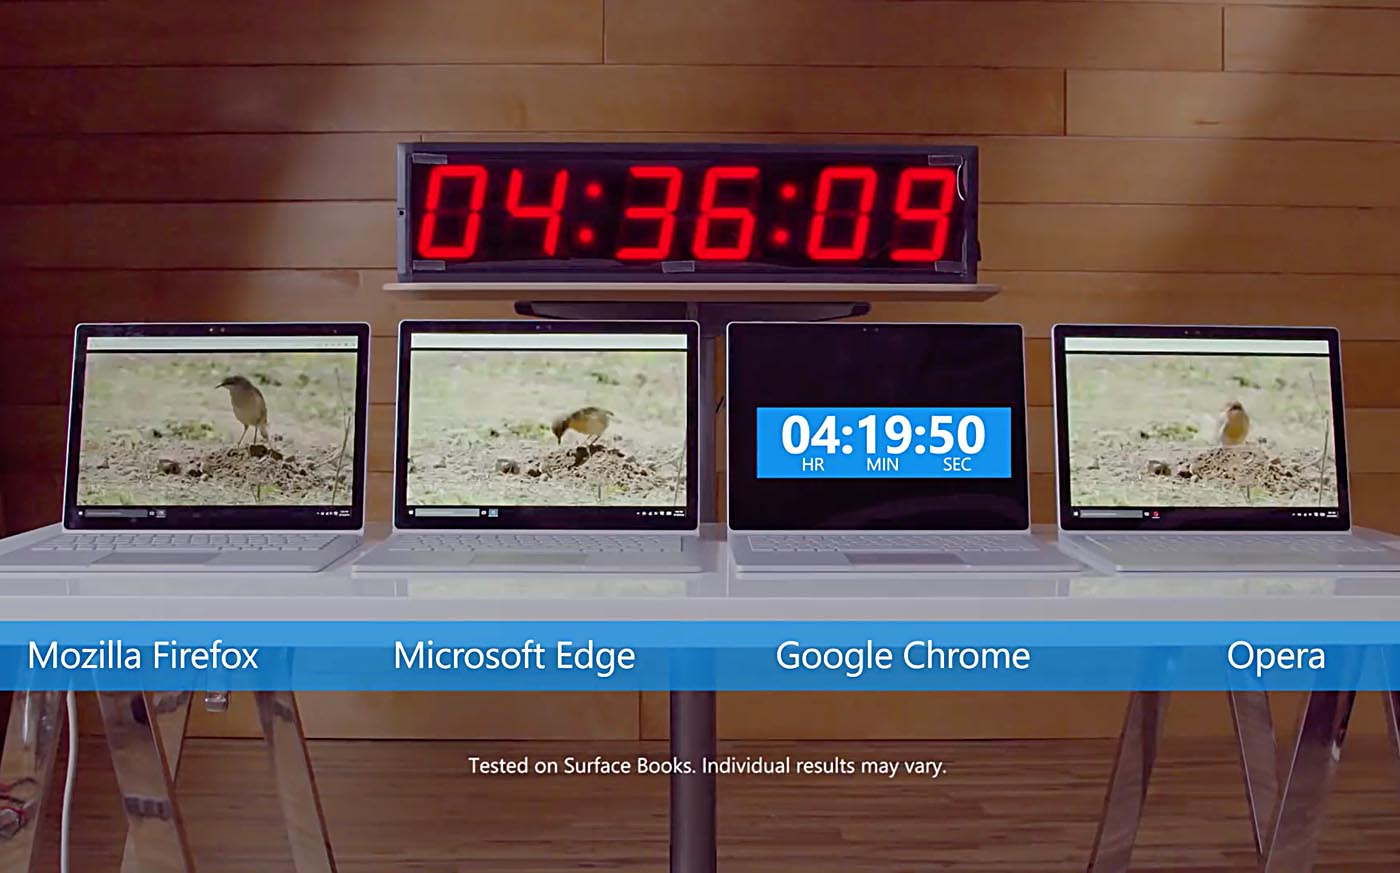 Pruebas Bateria Microsoft Edge vs Chrome